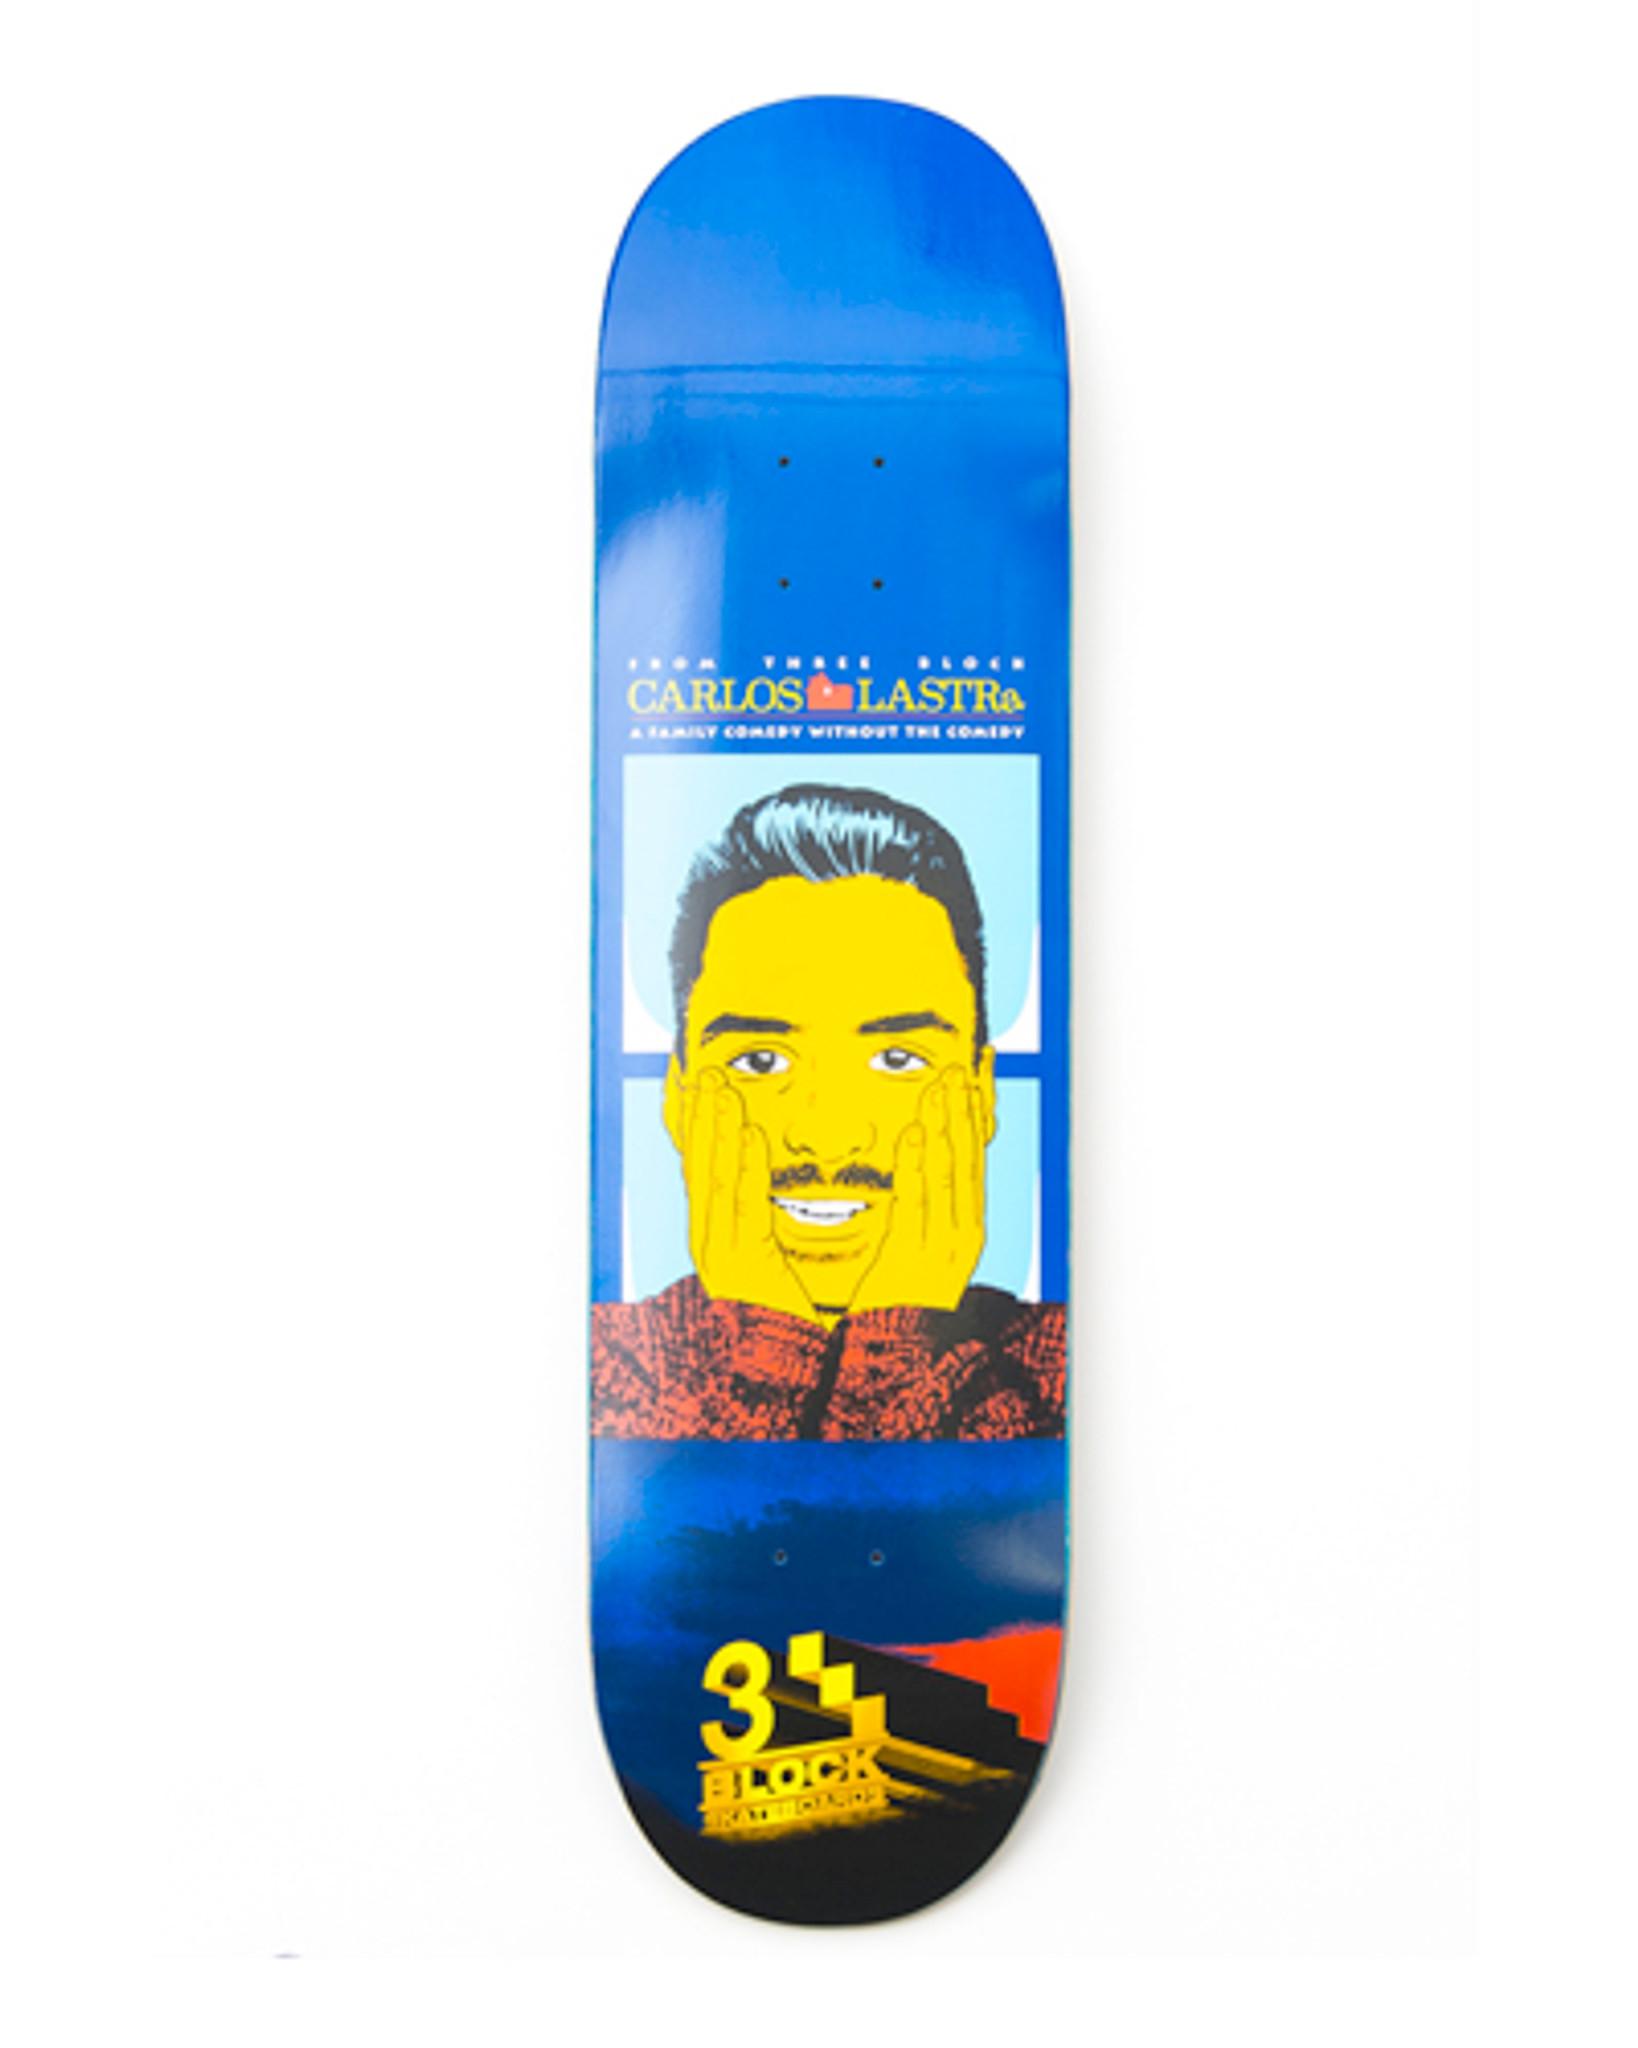 d47e9976 Carlos Lastra Filthy Animal 3 Block deck